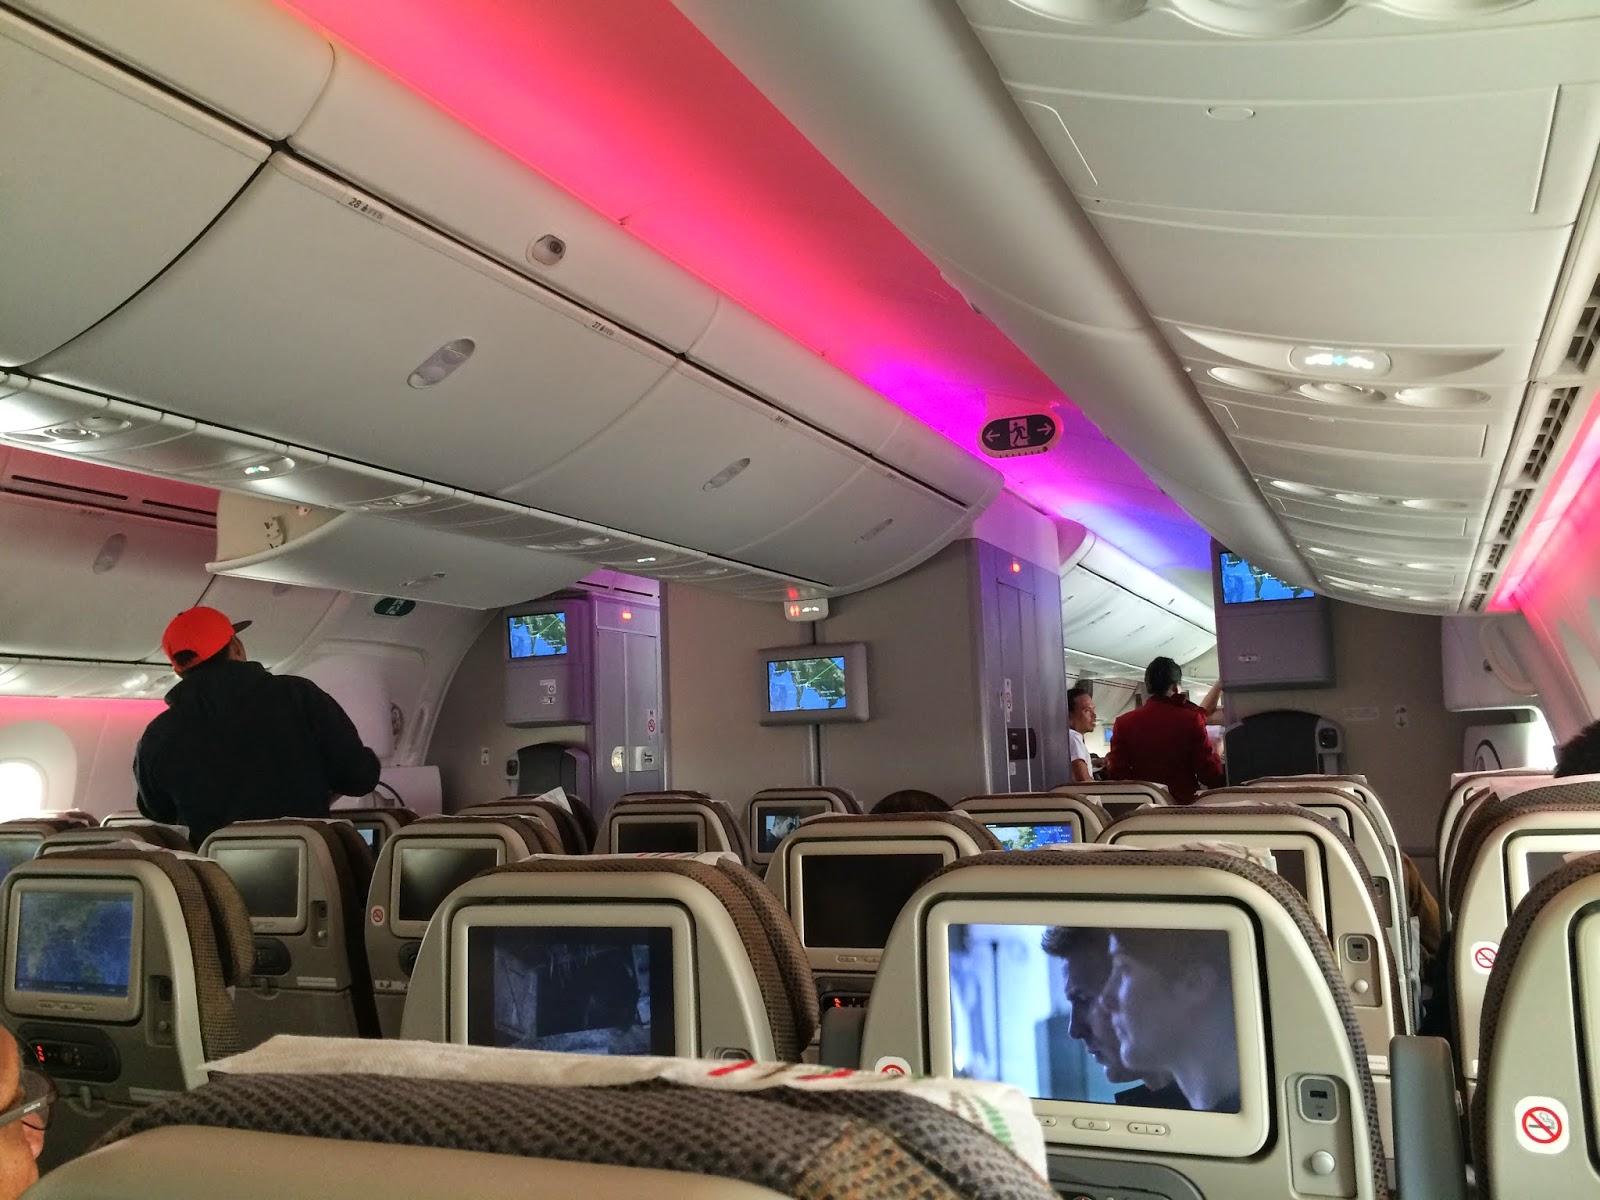 Boeing 787 interior coach viewing gallery - Charles Ryan S Flying Adventure Kenya Airways Boeing 787 Dreamliner Part 1 Bkk Hkg